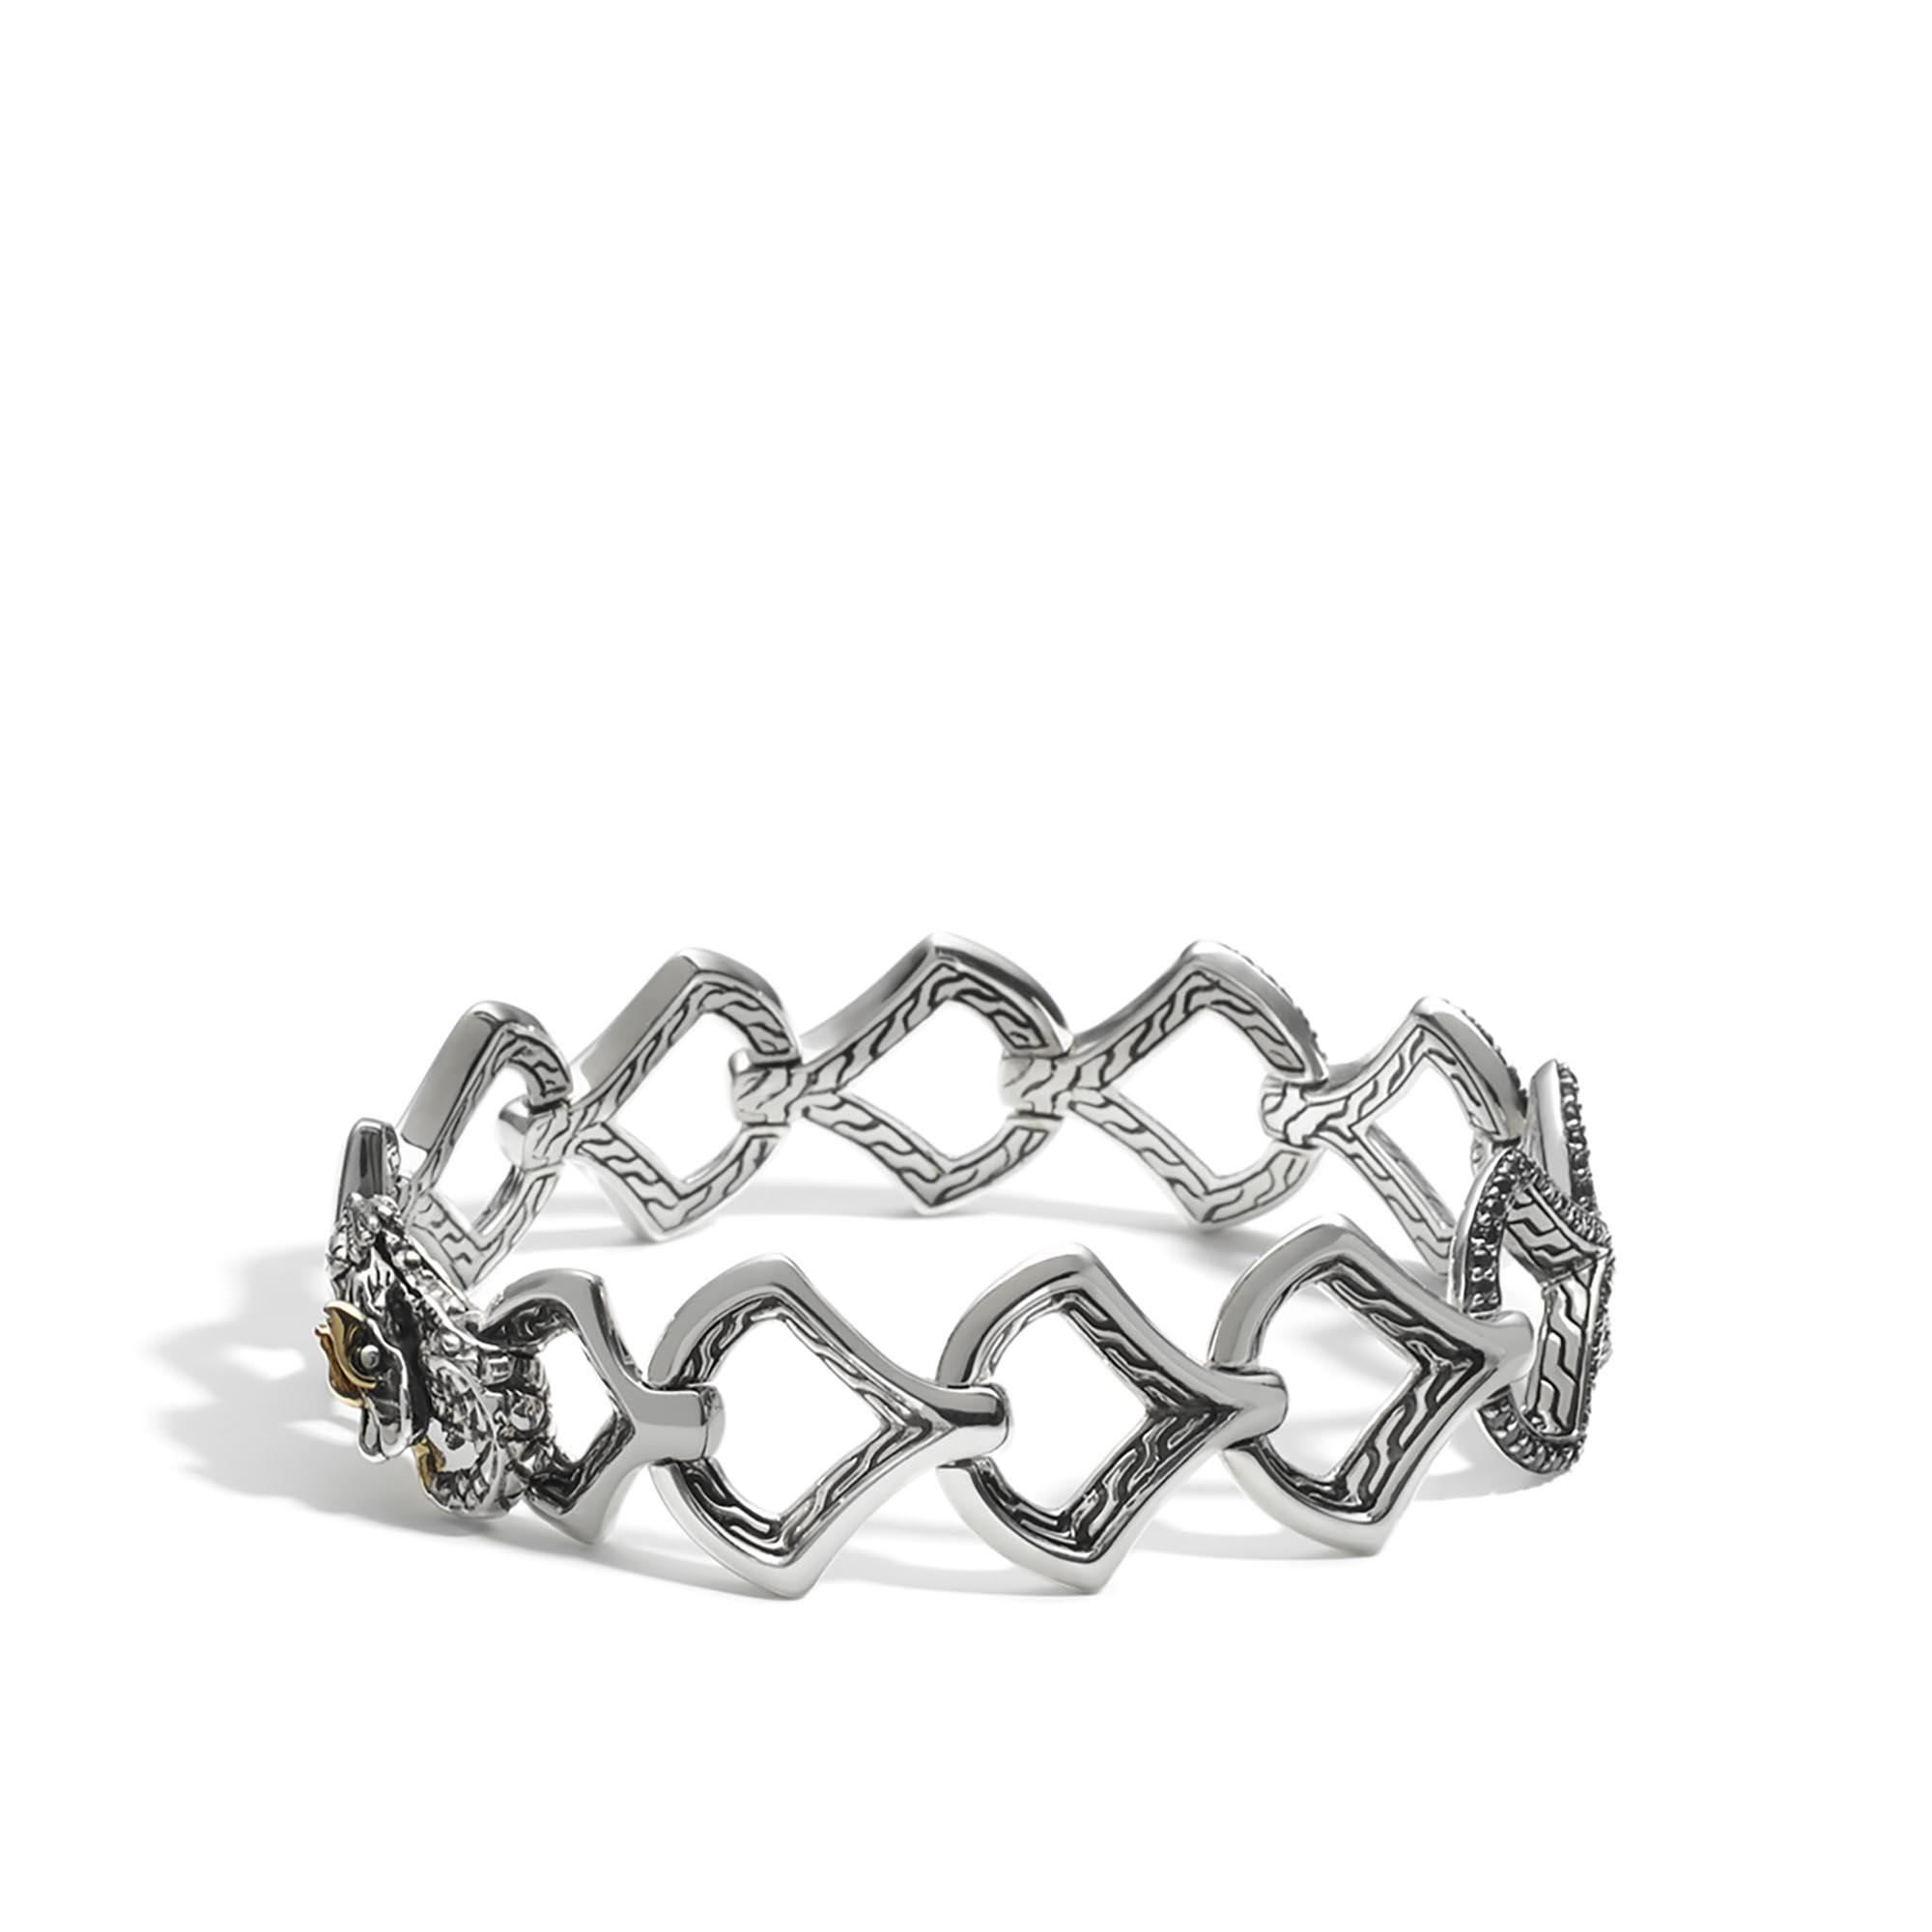 John Hardy Naga Chain Bracelet, Medium